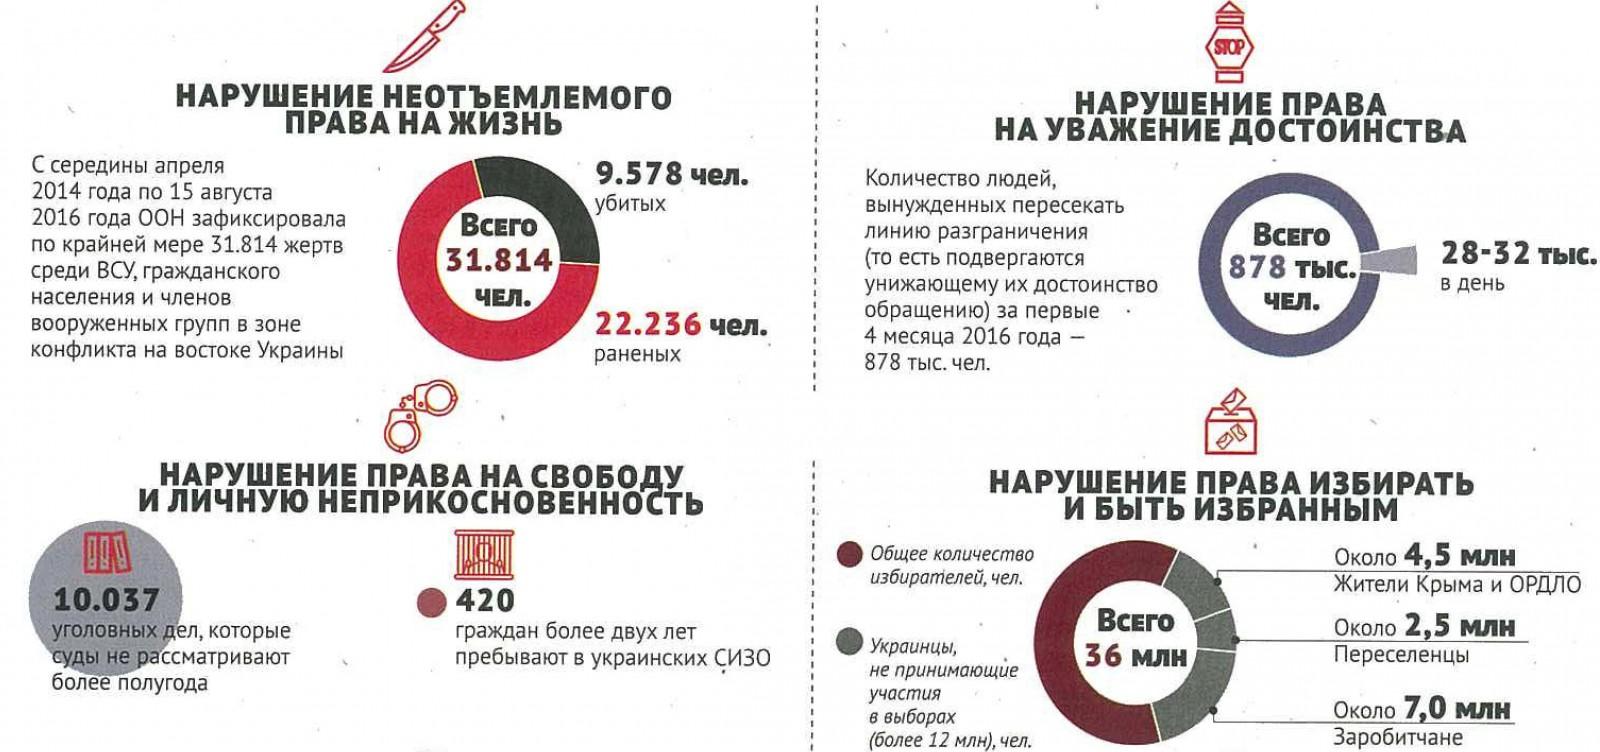 Как в Украине нарушают права человека